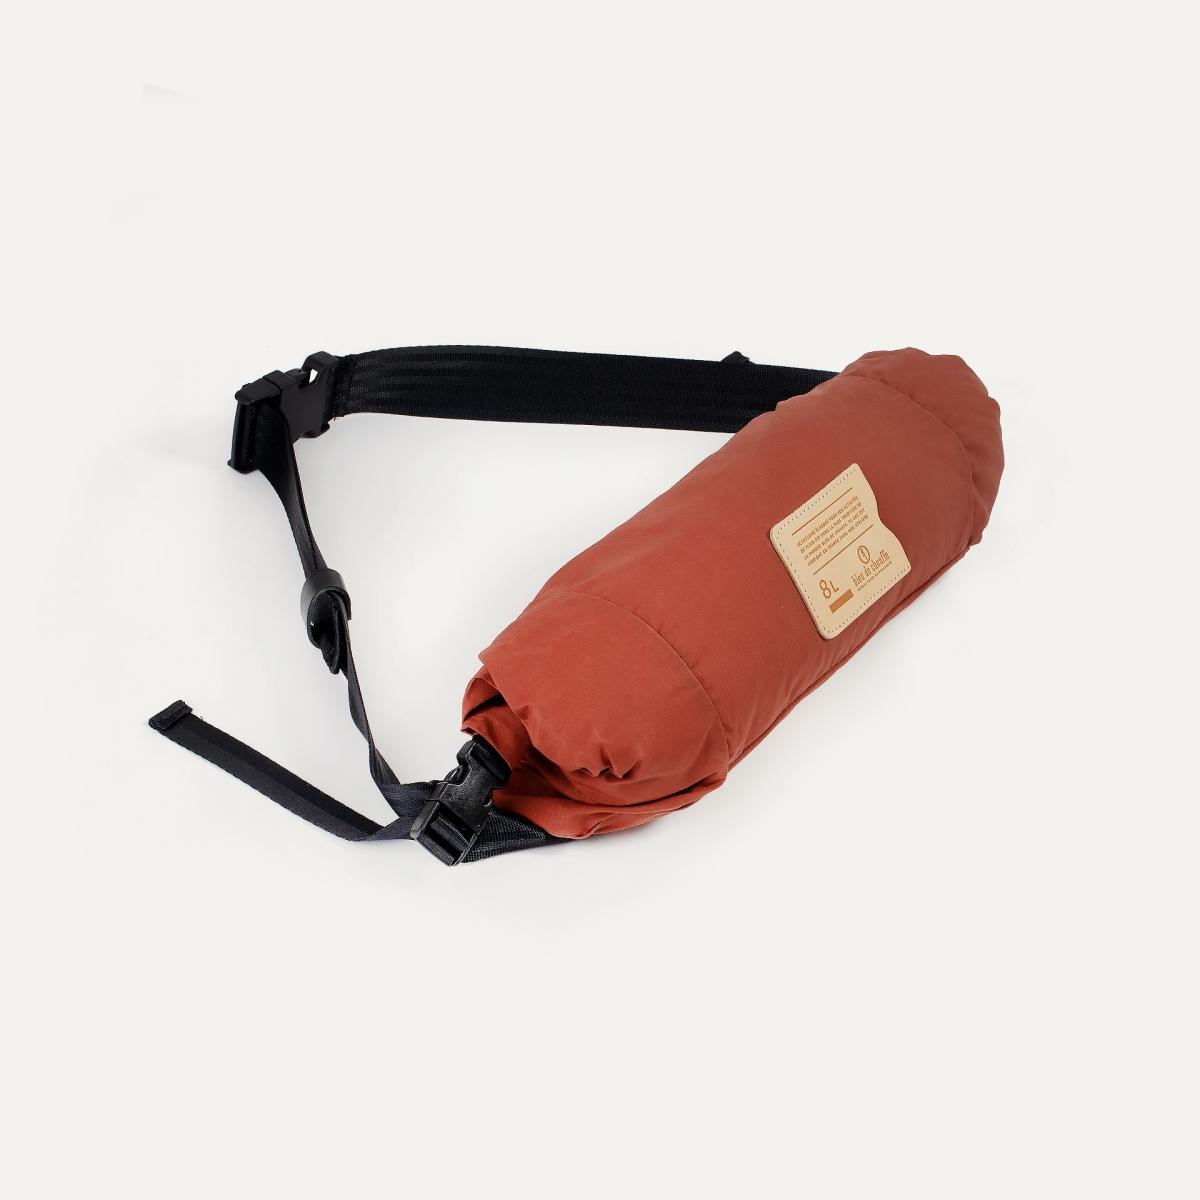 8L Bastille Belt bag - Burgundy (image n°1)